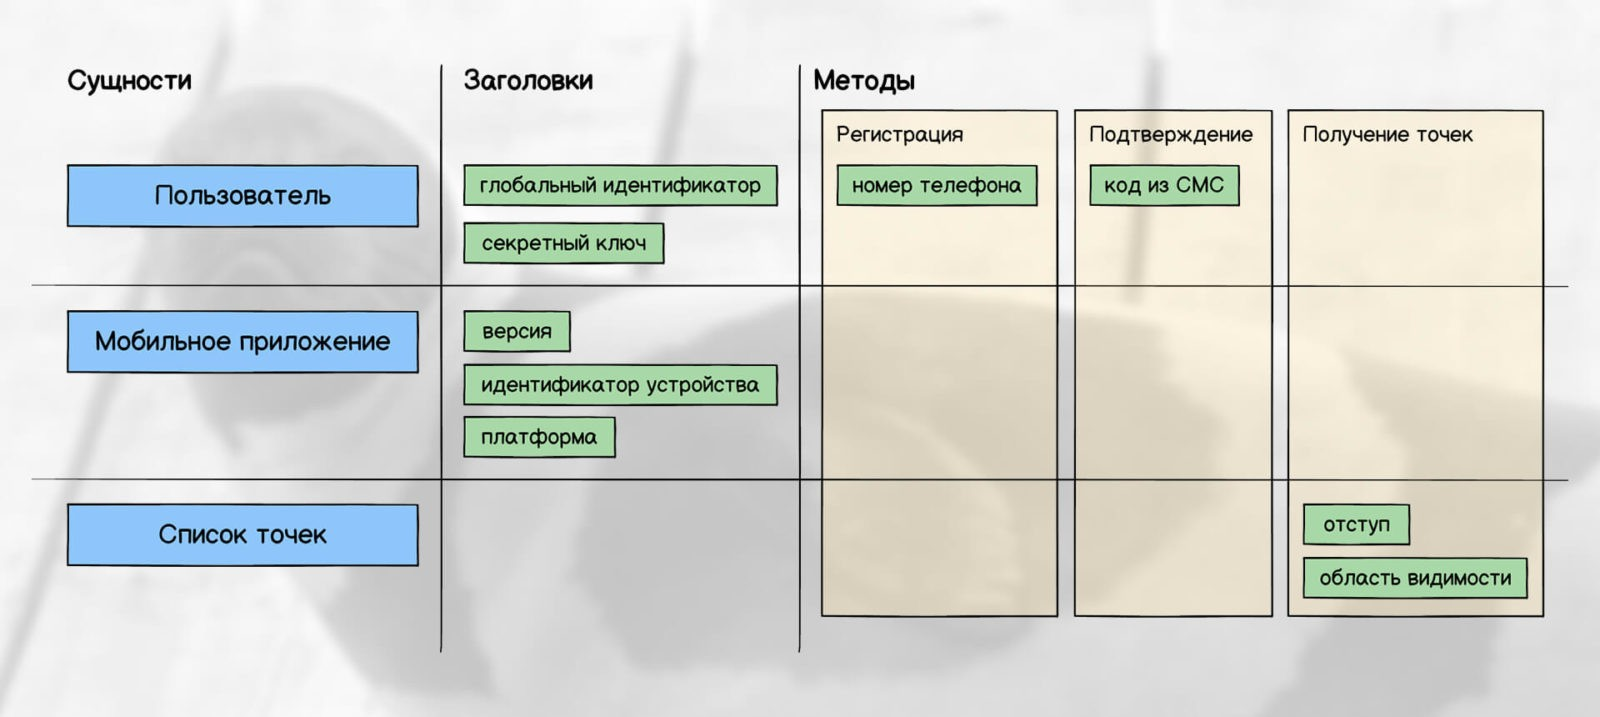 Дизайн данных: заголовки и методы API (регистрация, подтверждение, список)